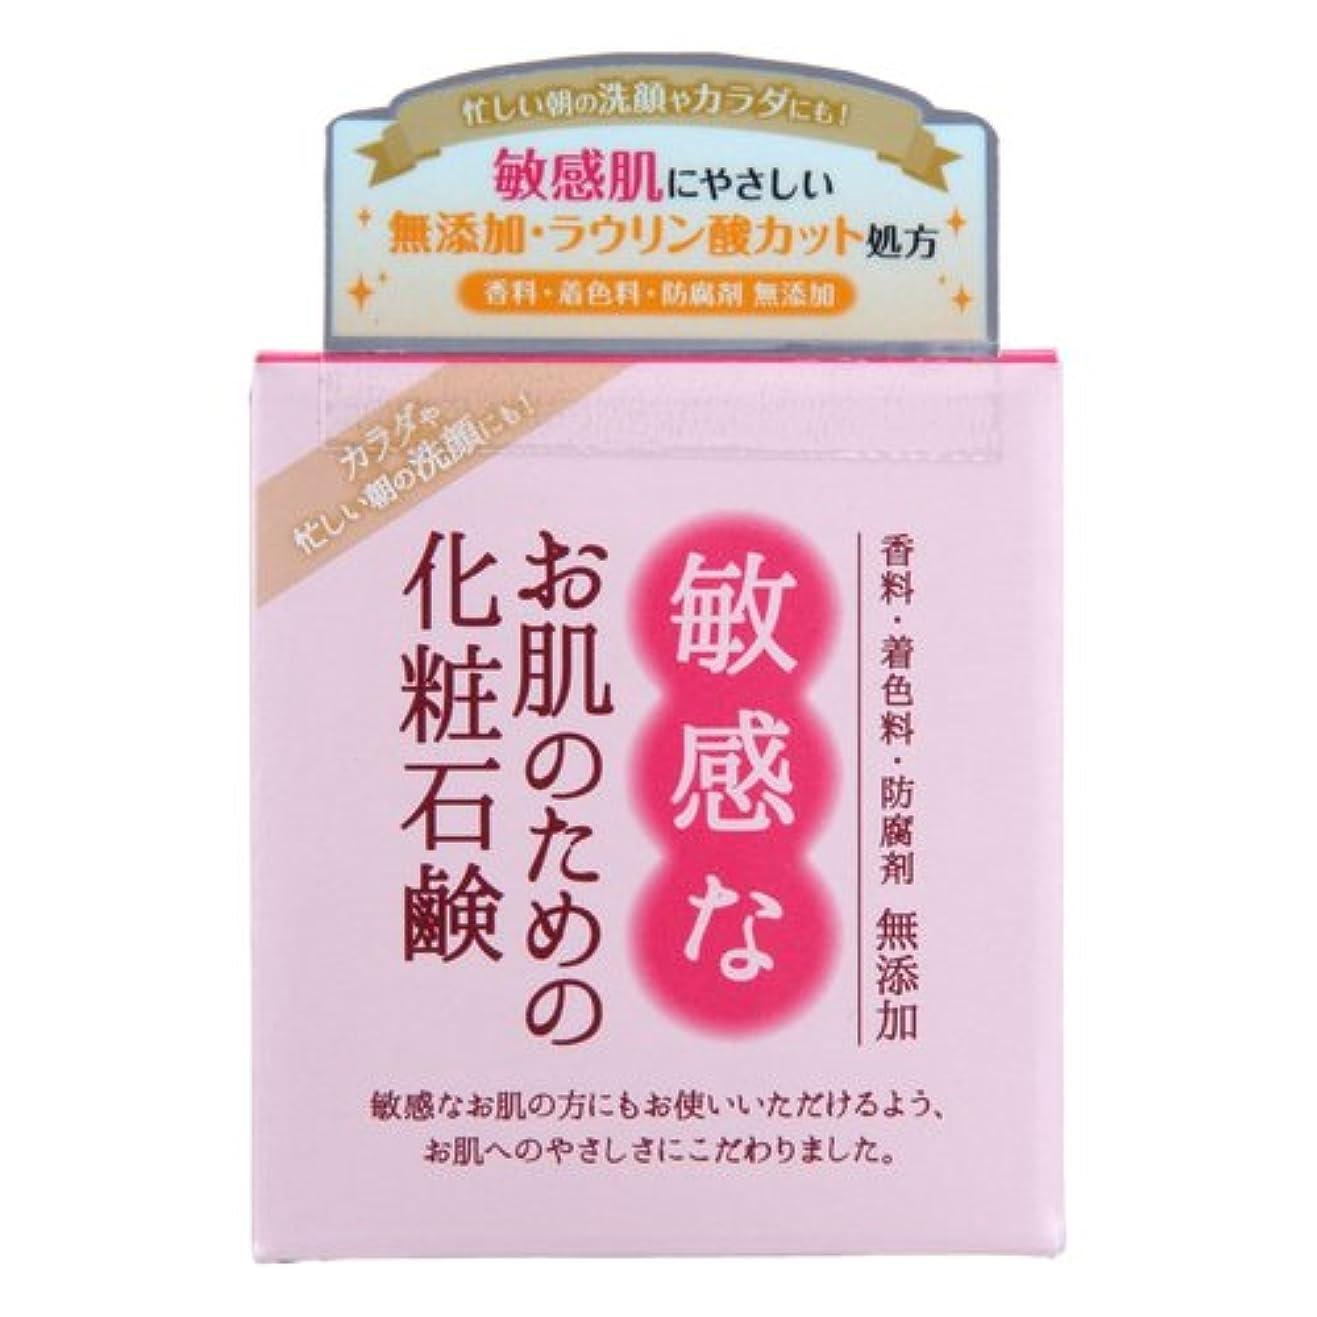 願望教授十敏感なお肌のための化粧石鹸 100g CBH-S